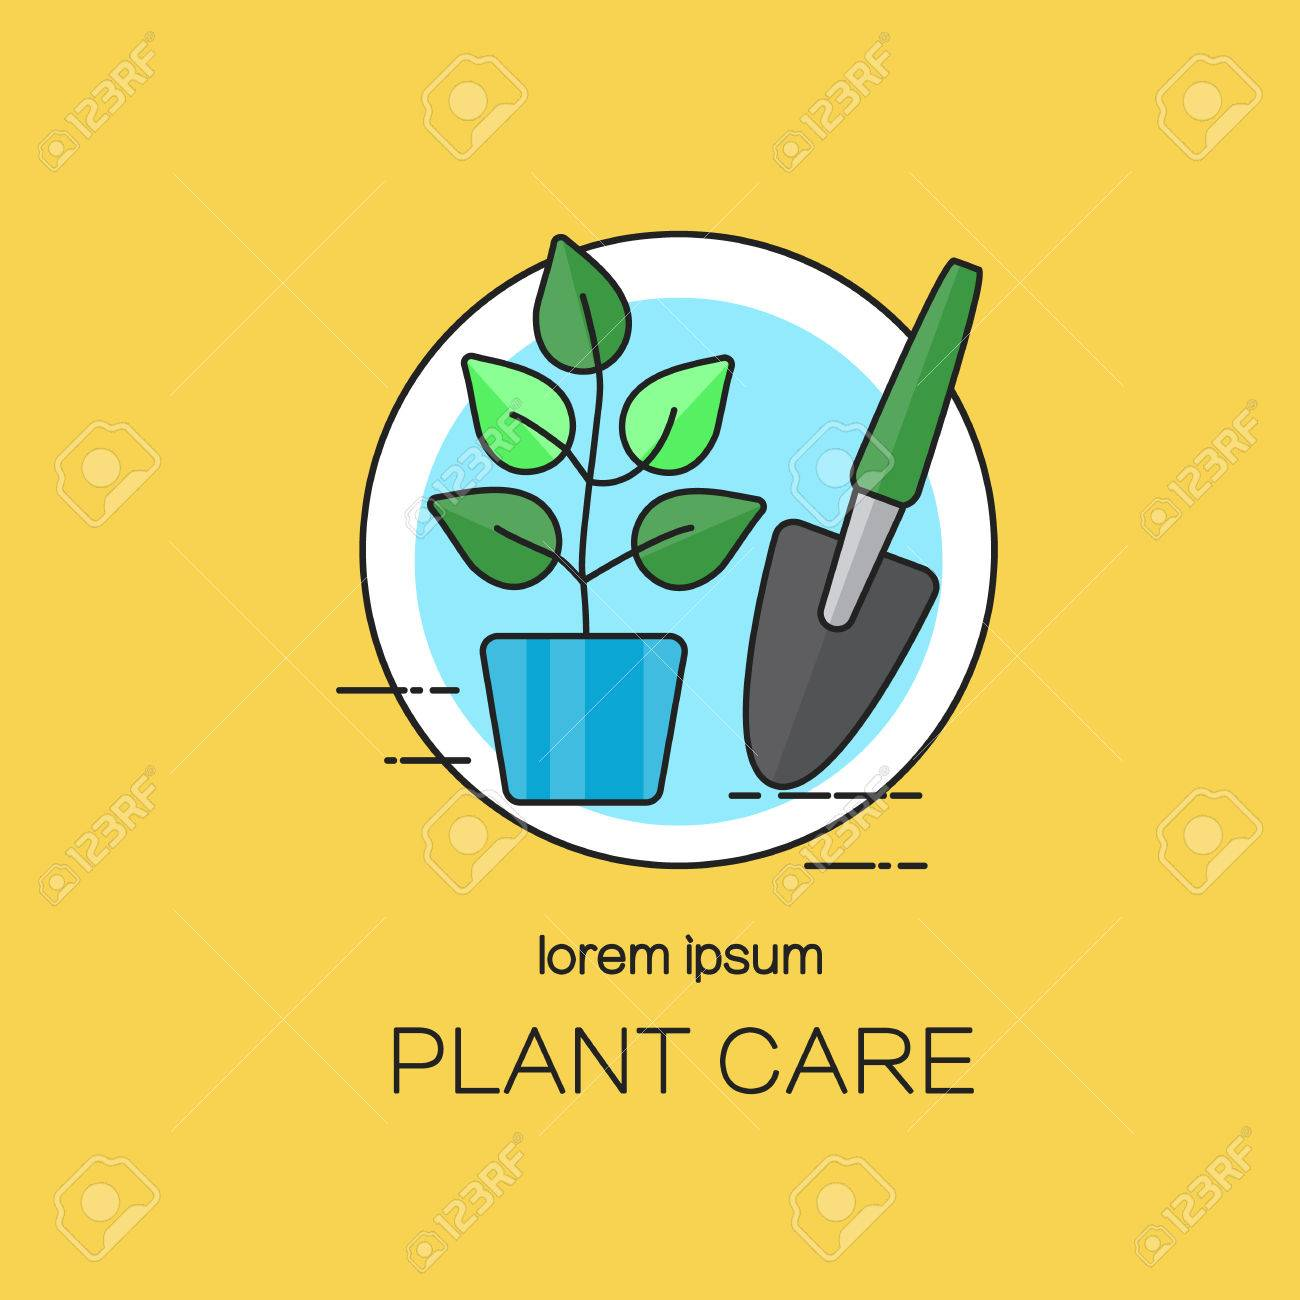 Plantillas De Diseño Para El Cuidado De Las Plantas. Ilustraciones ...